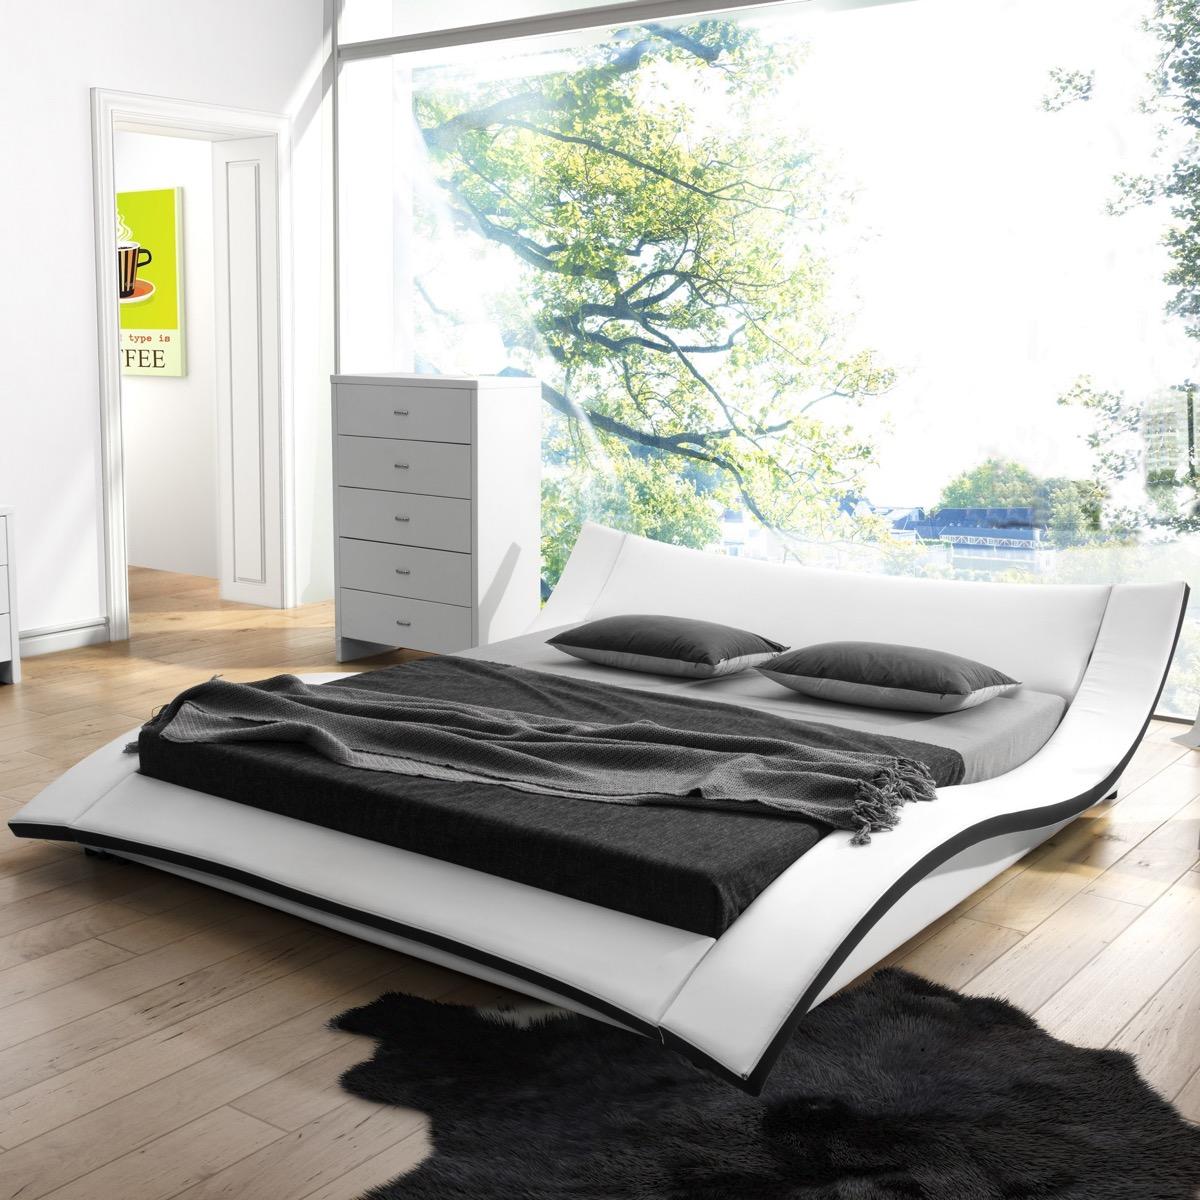 . 51 Modern Platform Beds To Refresh Your Bedroom